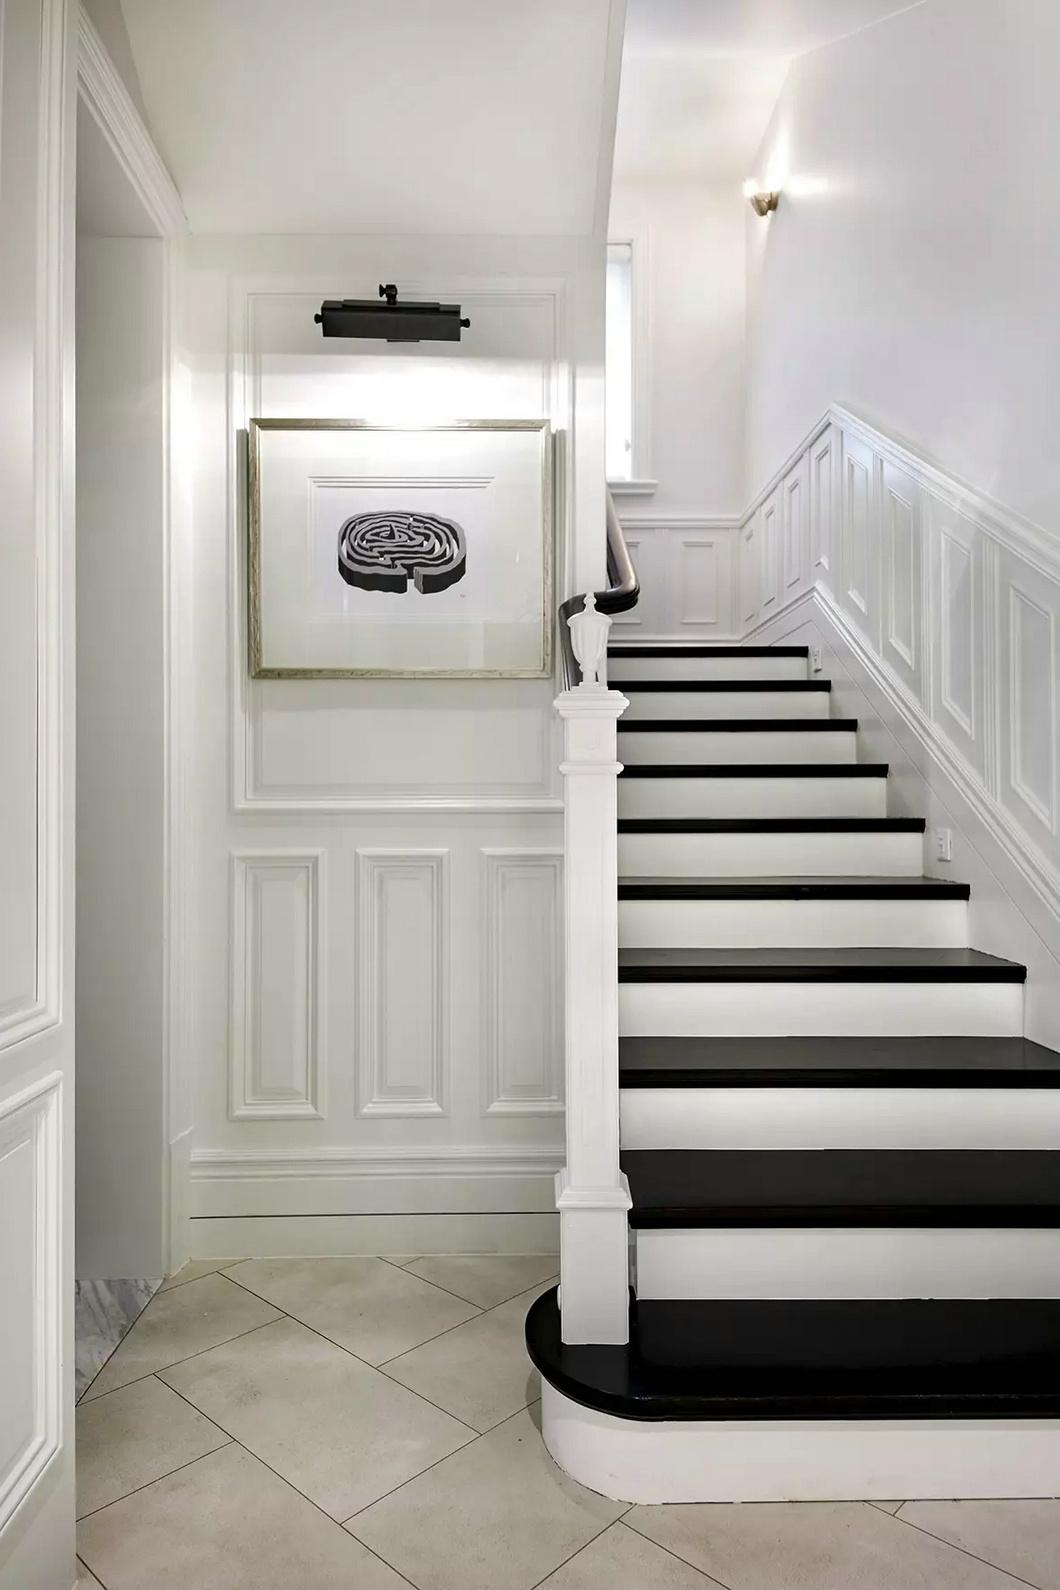 旧房改造完美蜕变楼梯图片